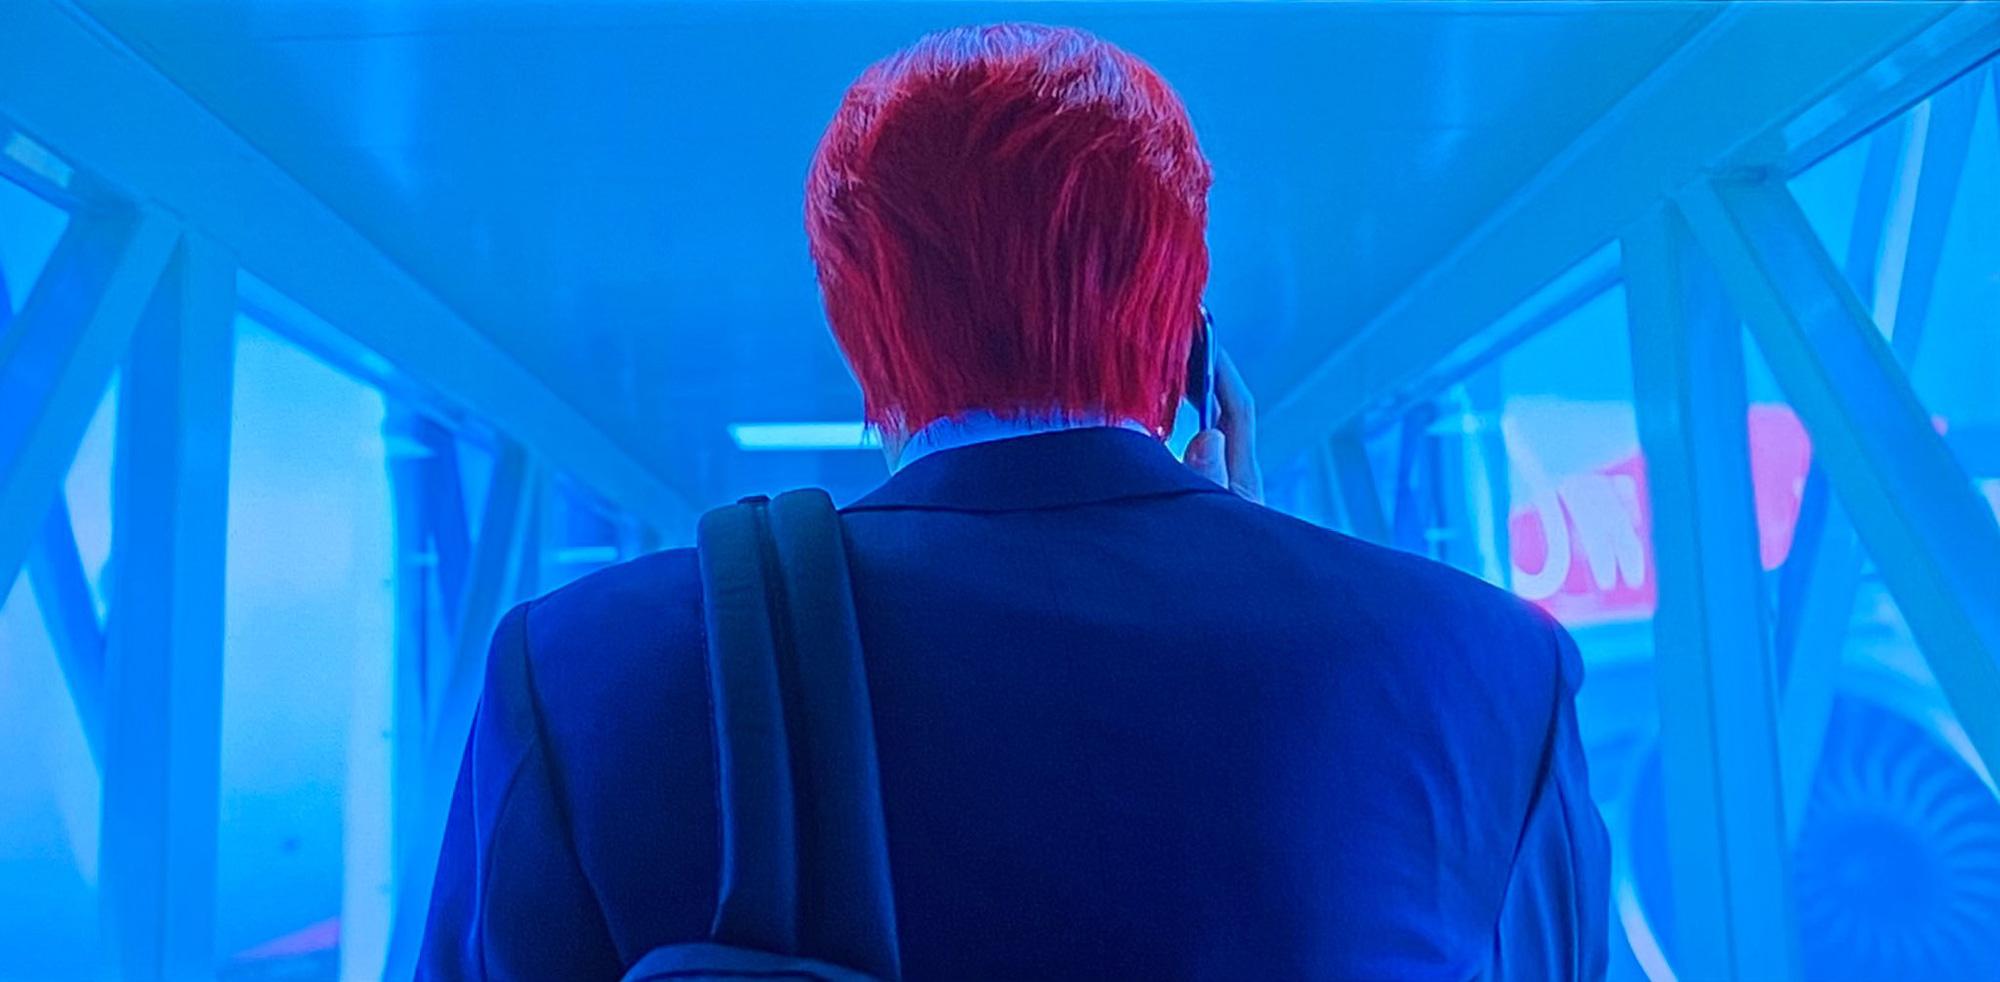 3 chi tiết Squid Game đáng ngờ được hé lộ ý nghĩa lạnh người đằng sau: Sự thật khác xa điều netizen nghĩ, cài cắm tài tình quá phục! - Ảnh 5.